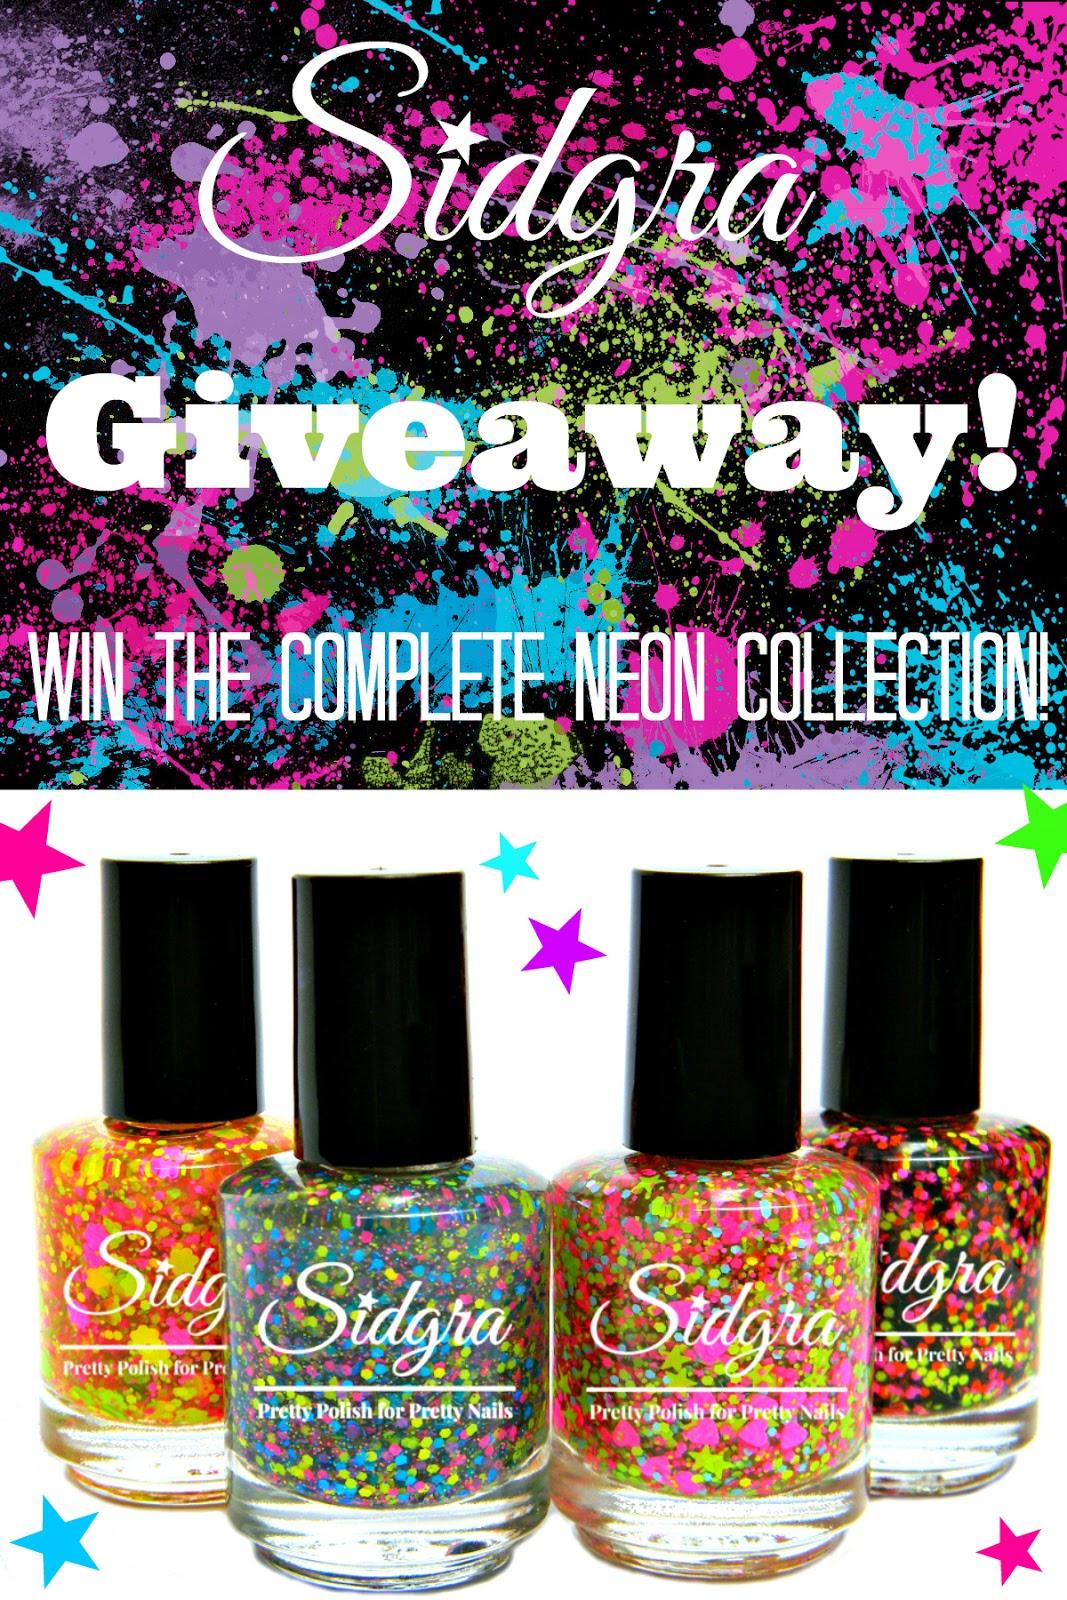 Sidgra's June Giveaway | www.SpicyPinkInspirations.com